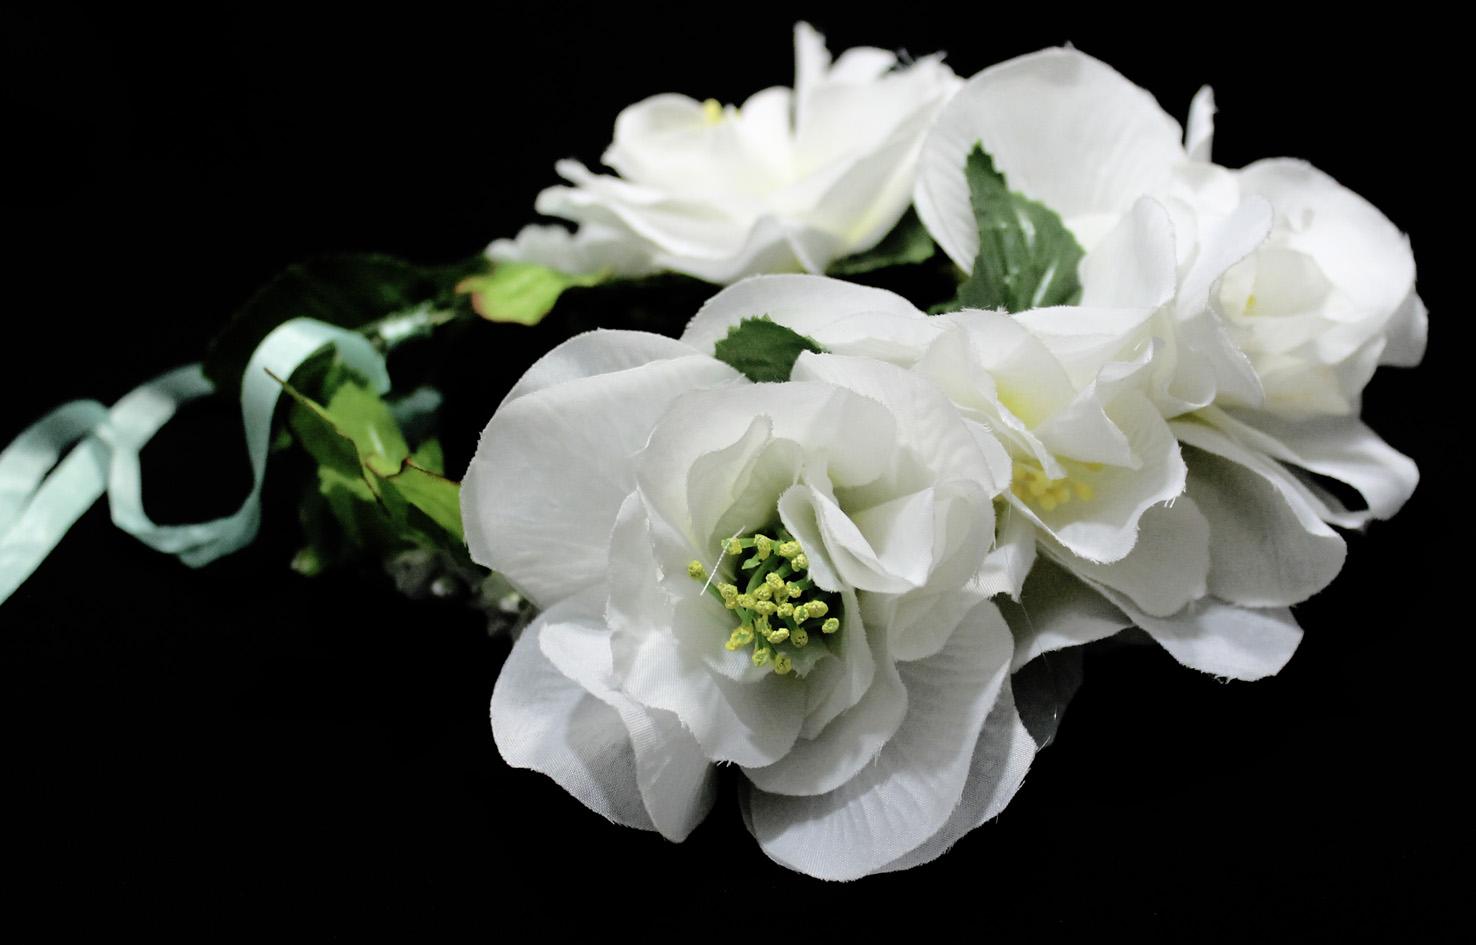 Resultado de imagem para imagens de flores brancas